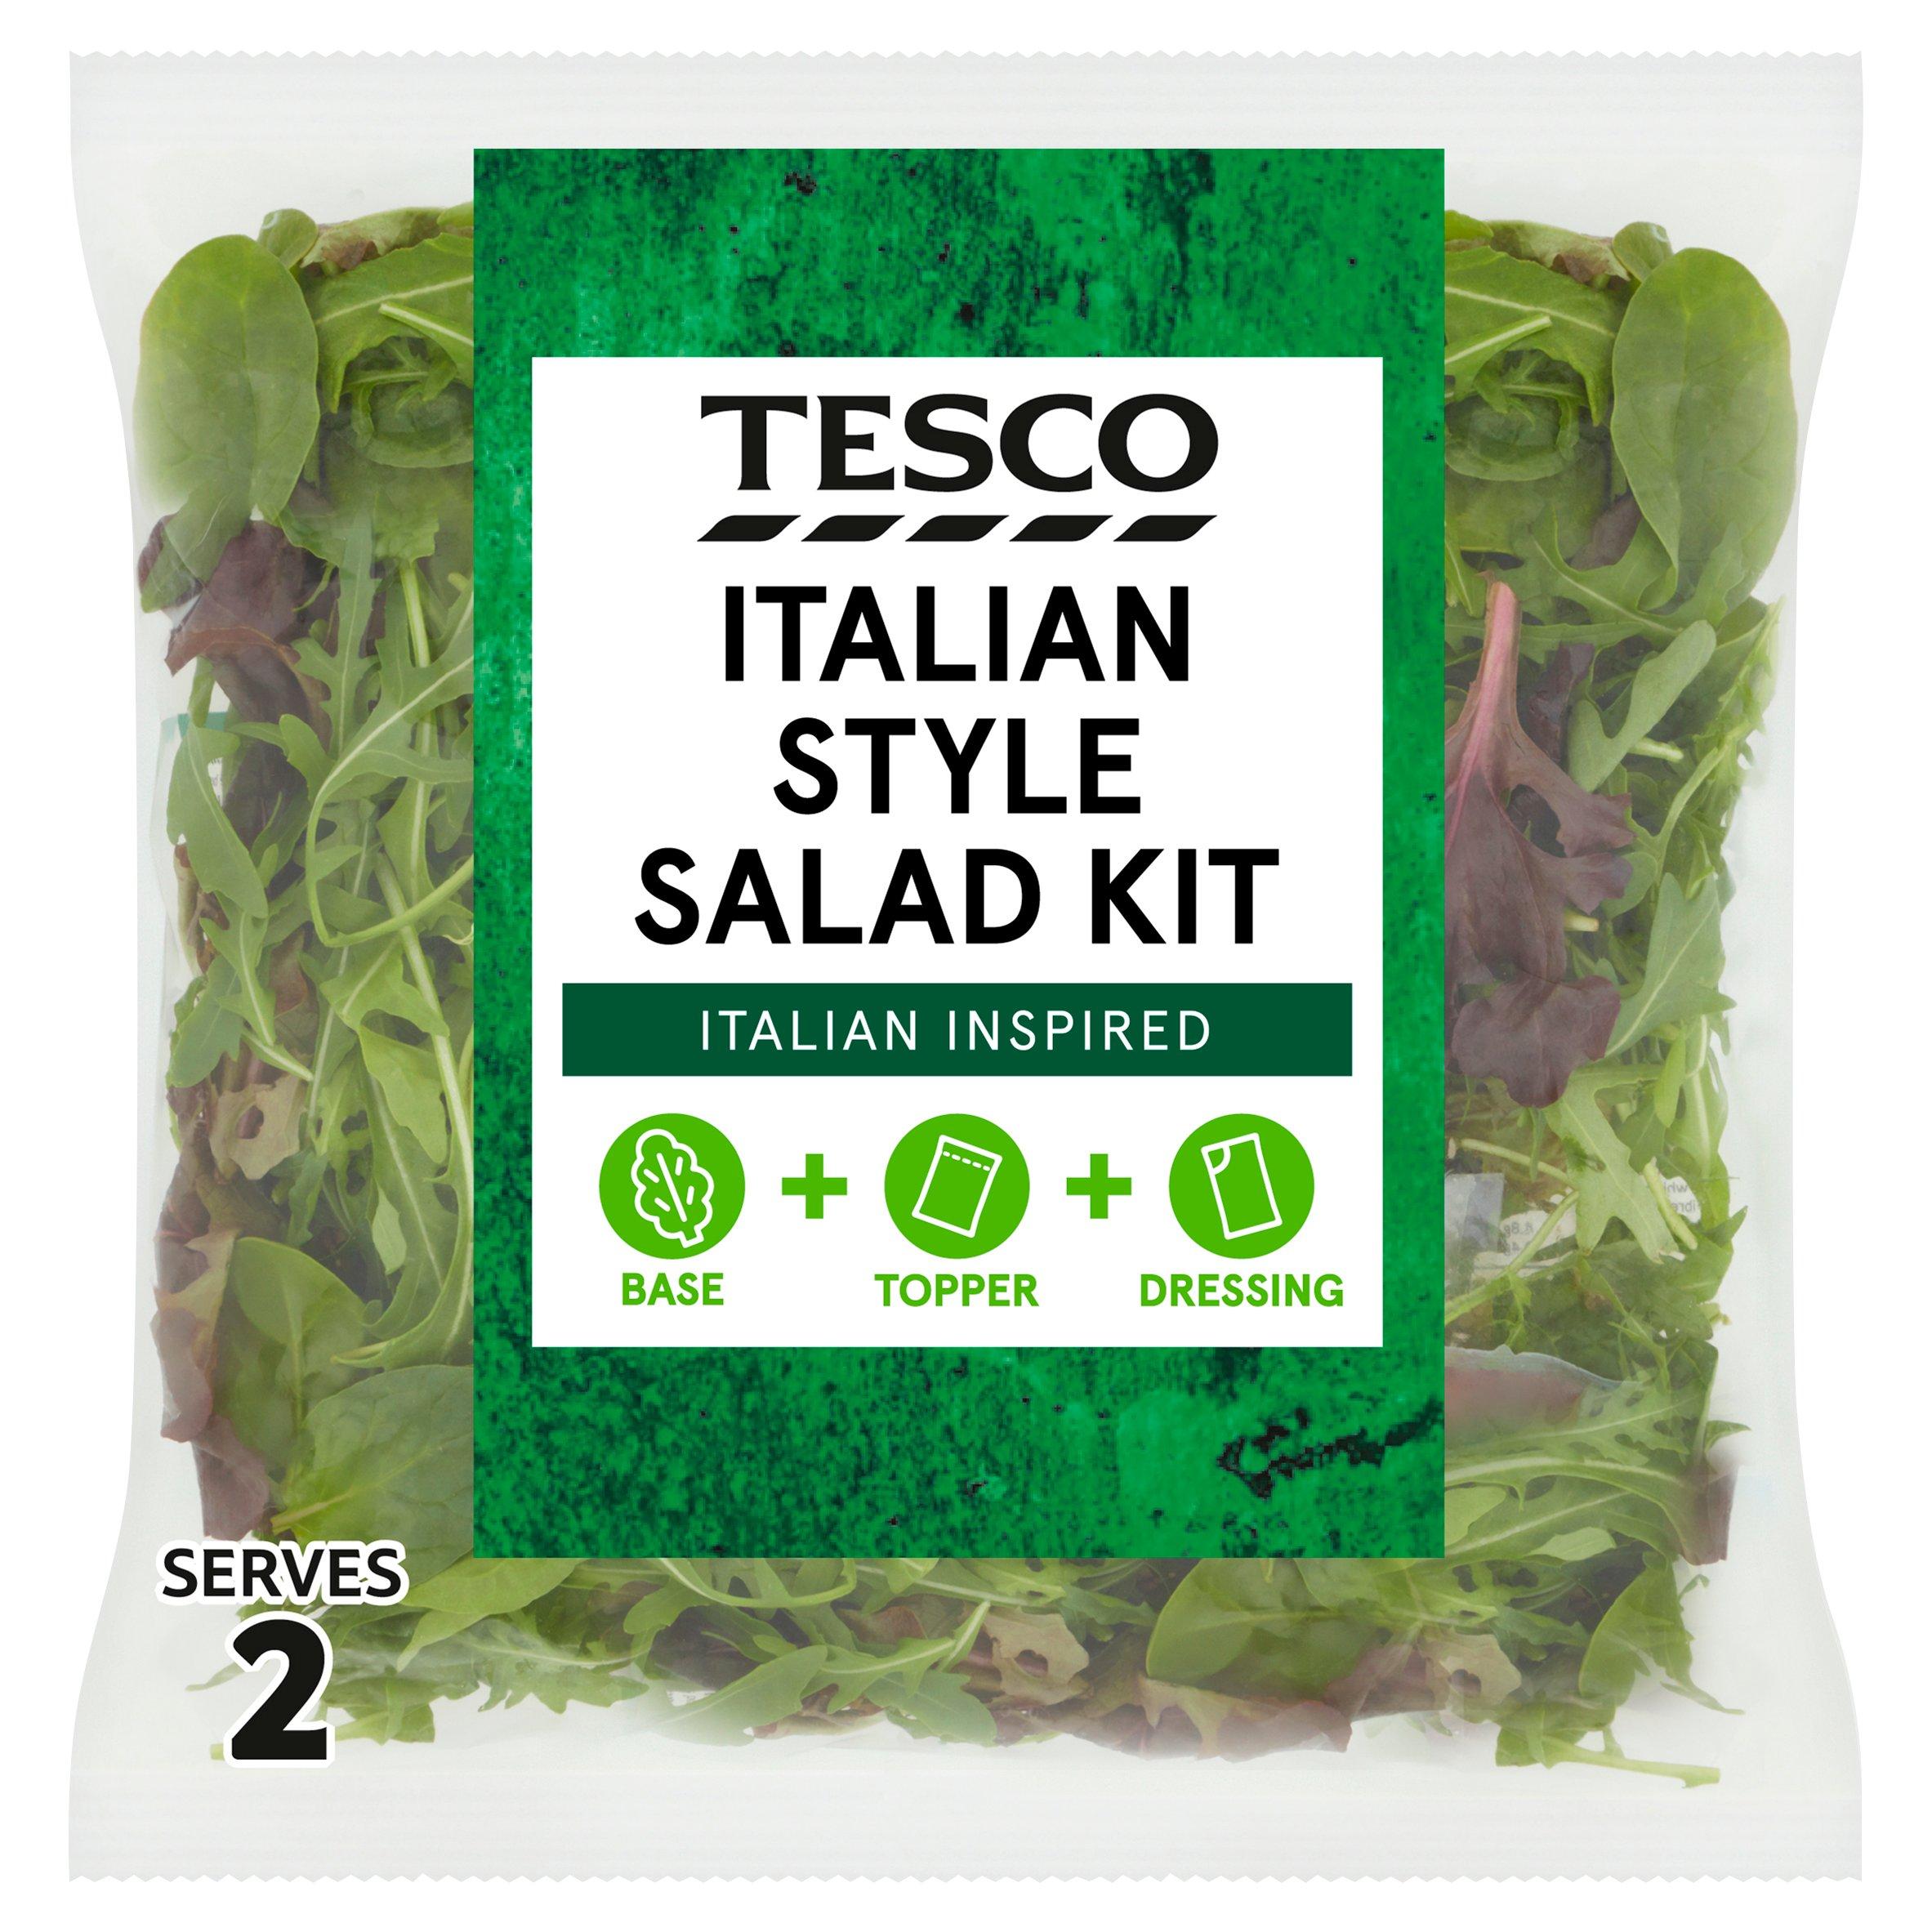 Tesco Italian Style Salad Kit 145G